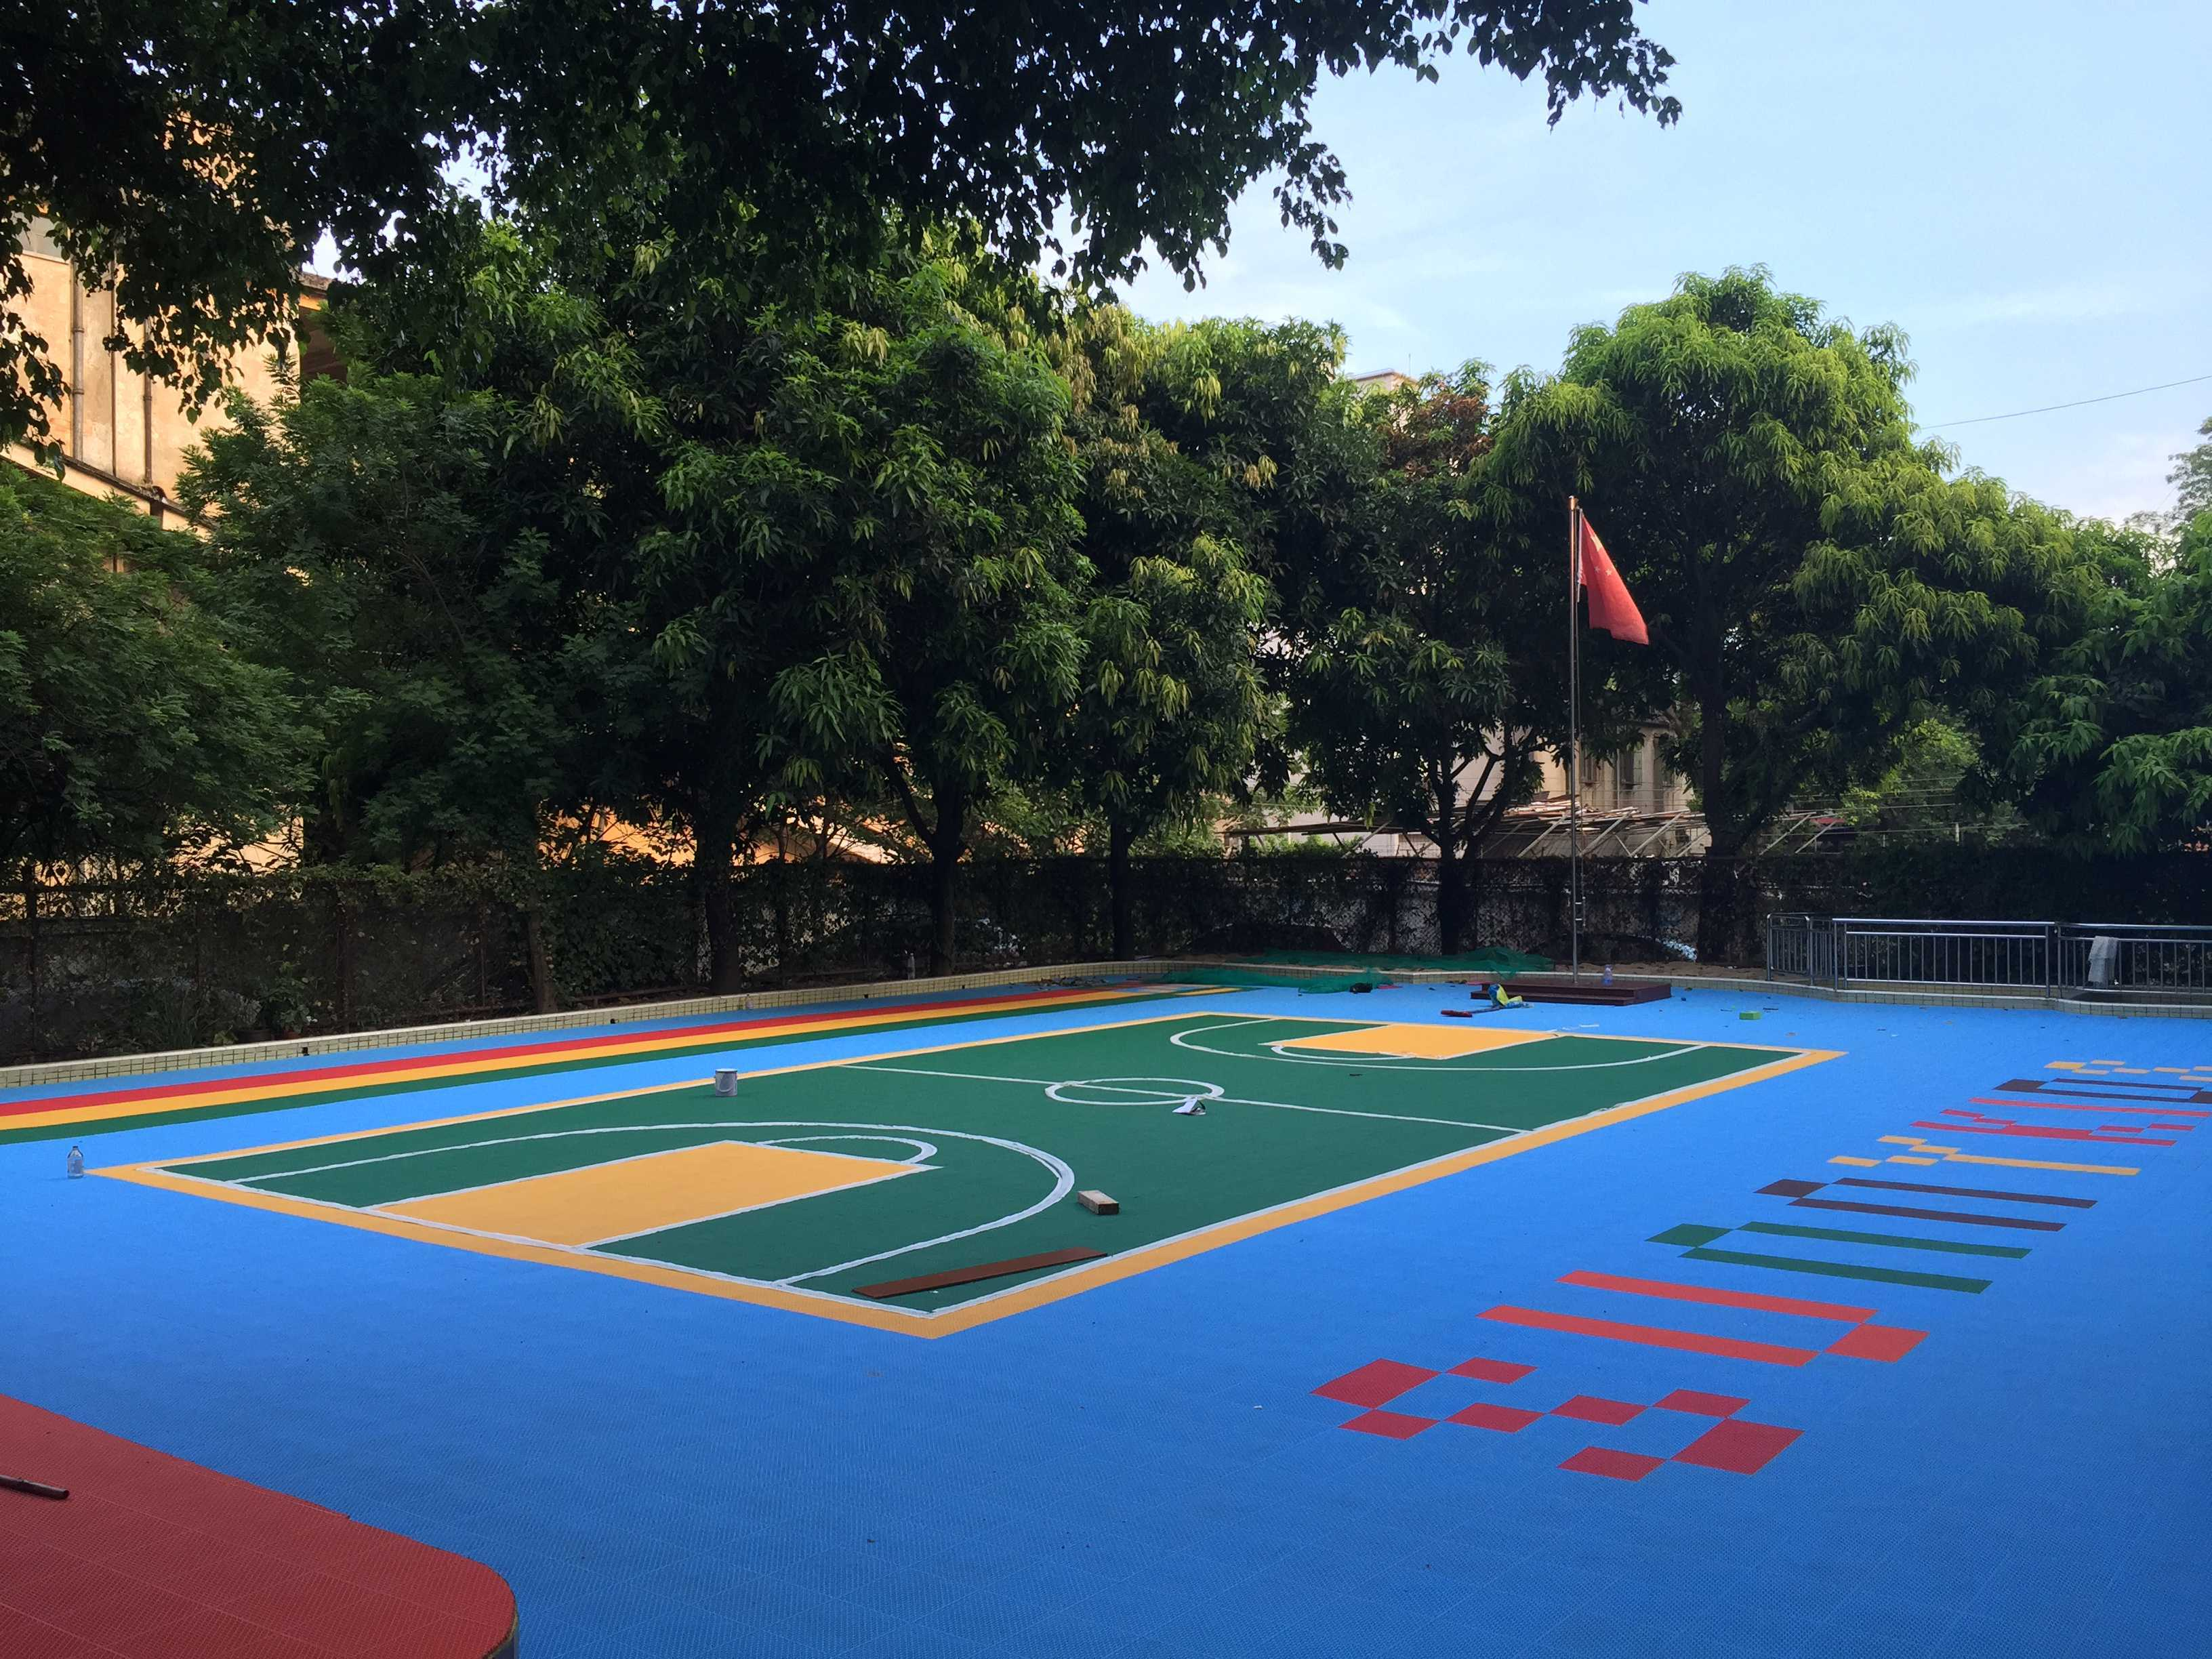 为什么幼儿园都在用悬浮式拼装地板?